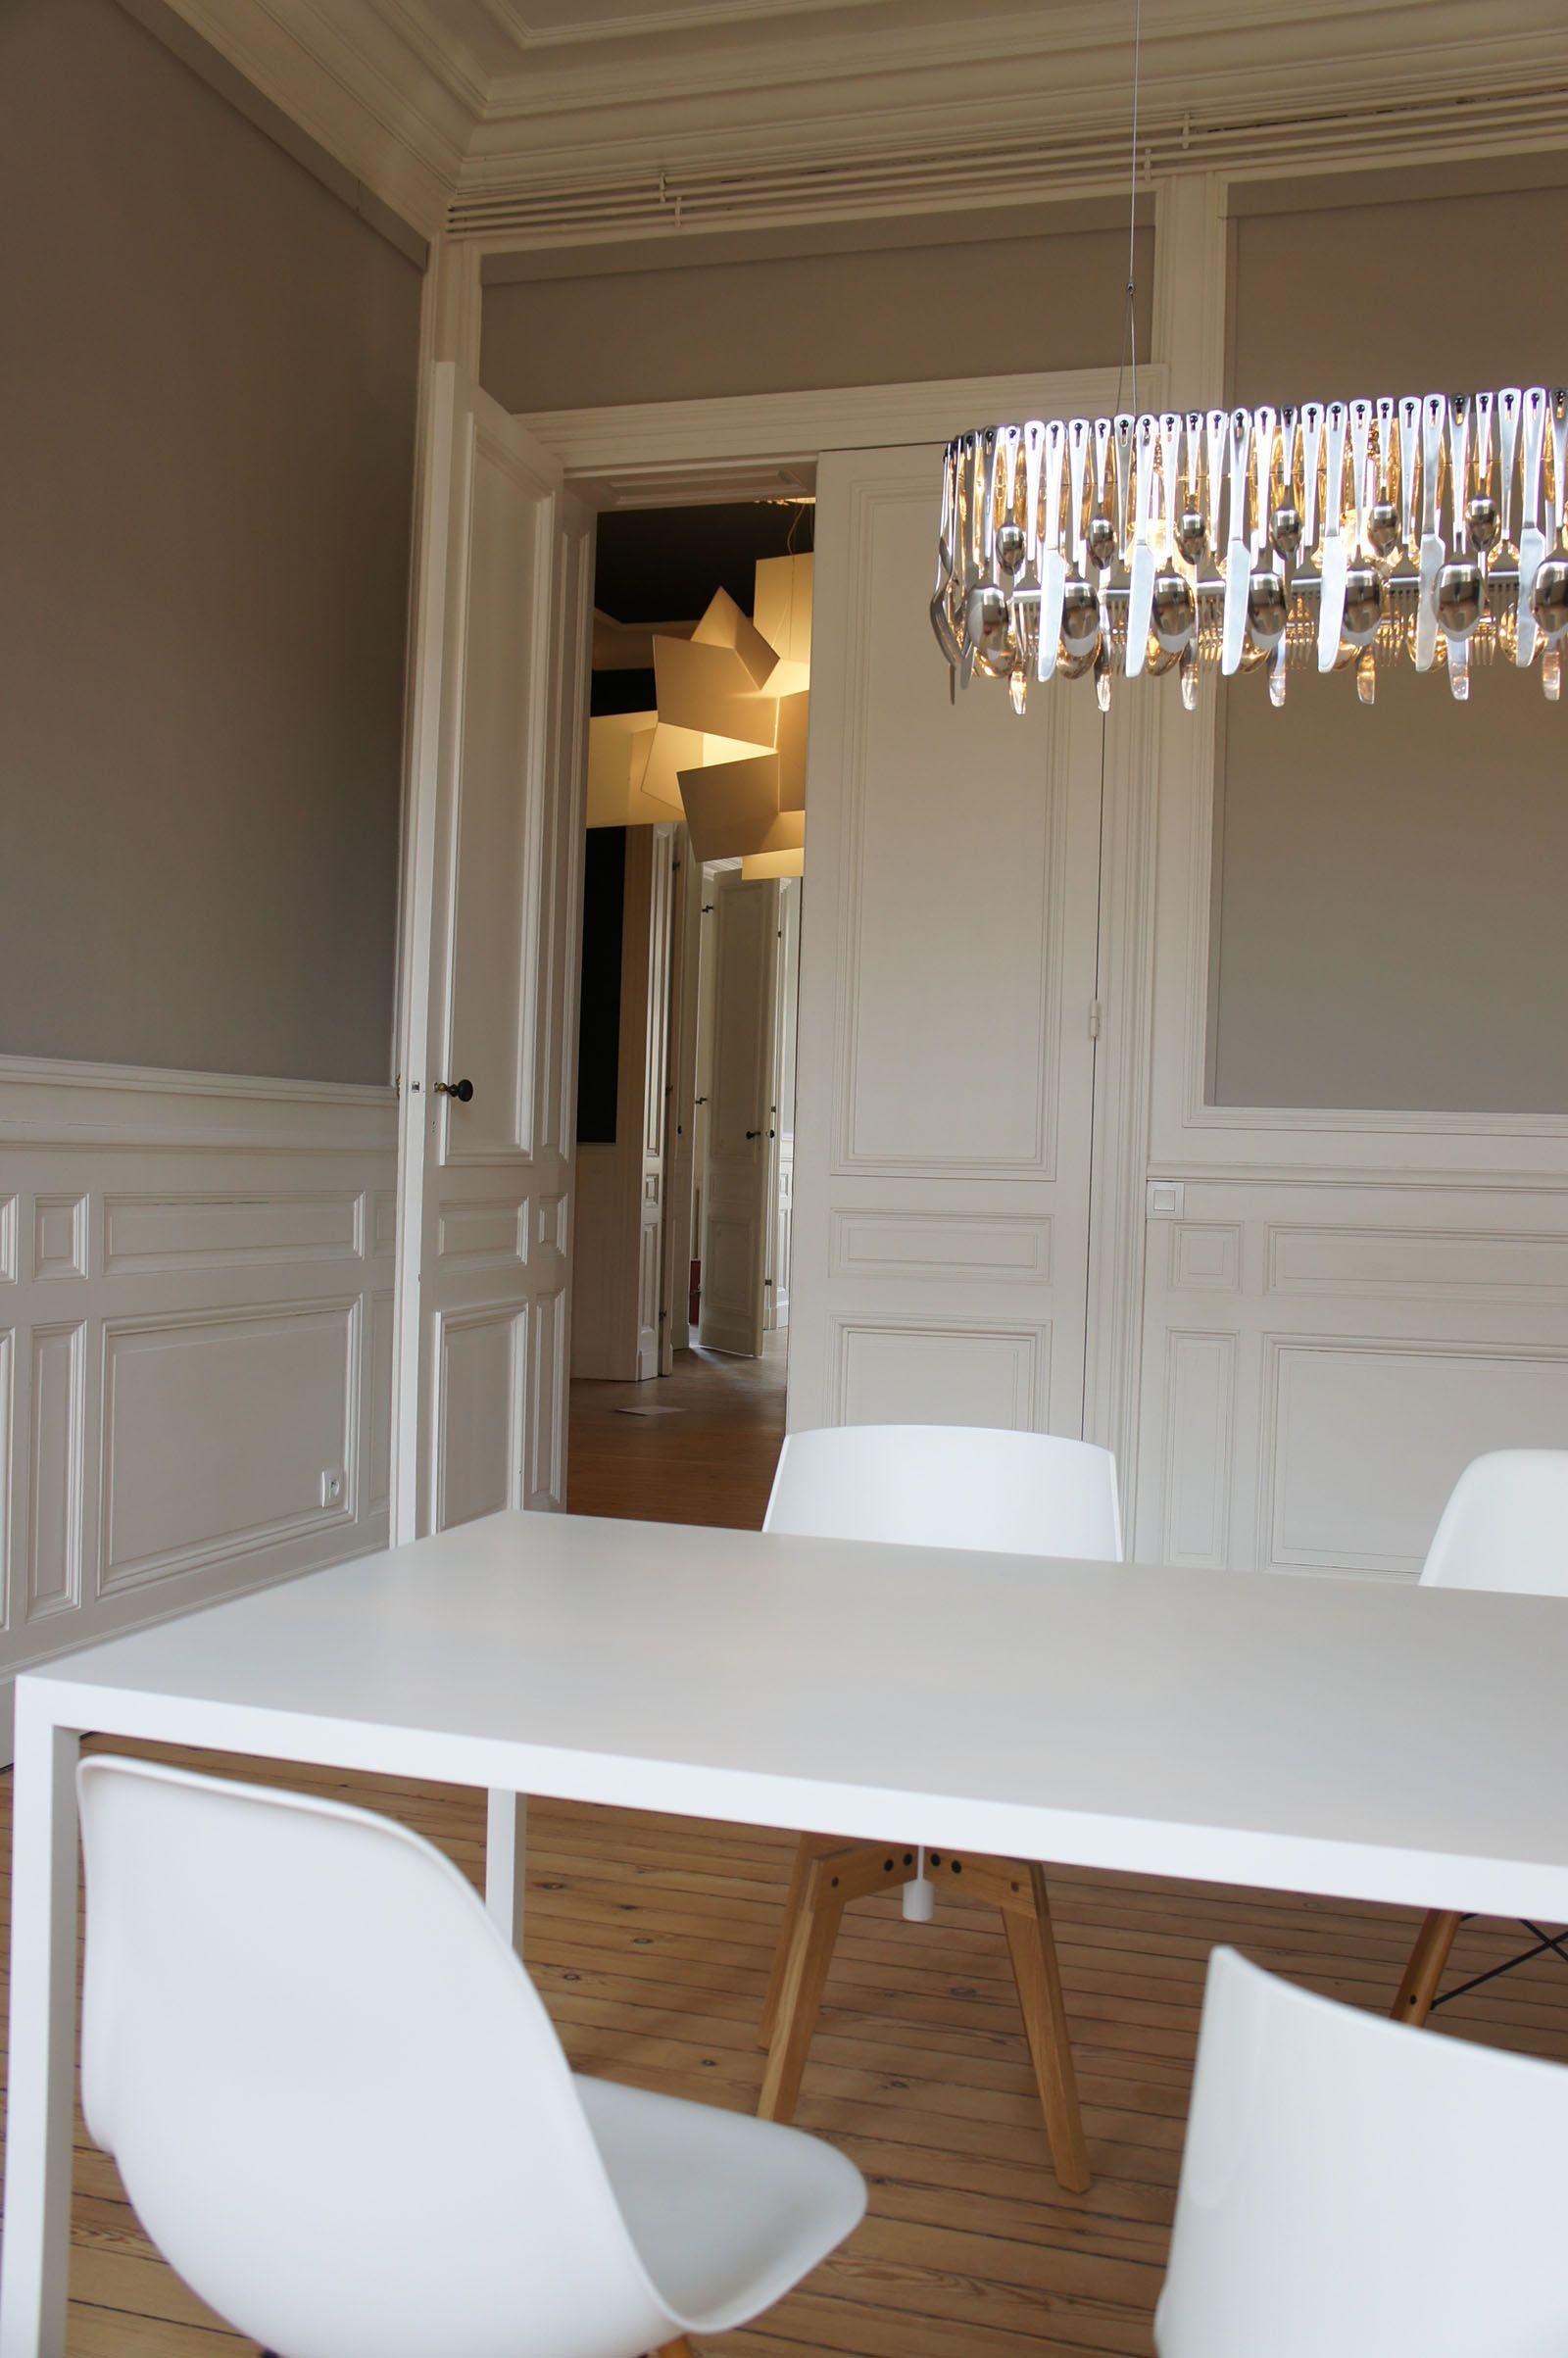 Salle à manger blanche et bois réaménagée dans appartement haussmannien à Bordeaux par l'architecte d'intérieur Daphné Serrado